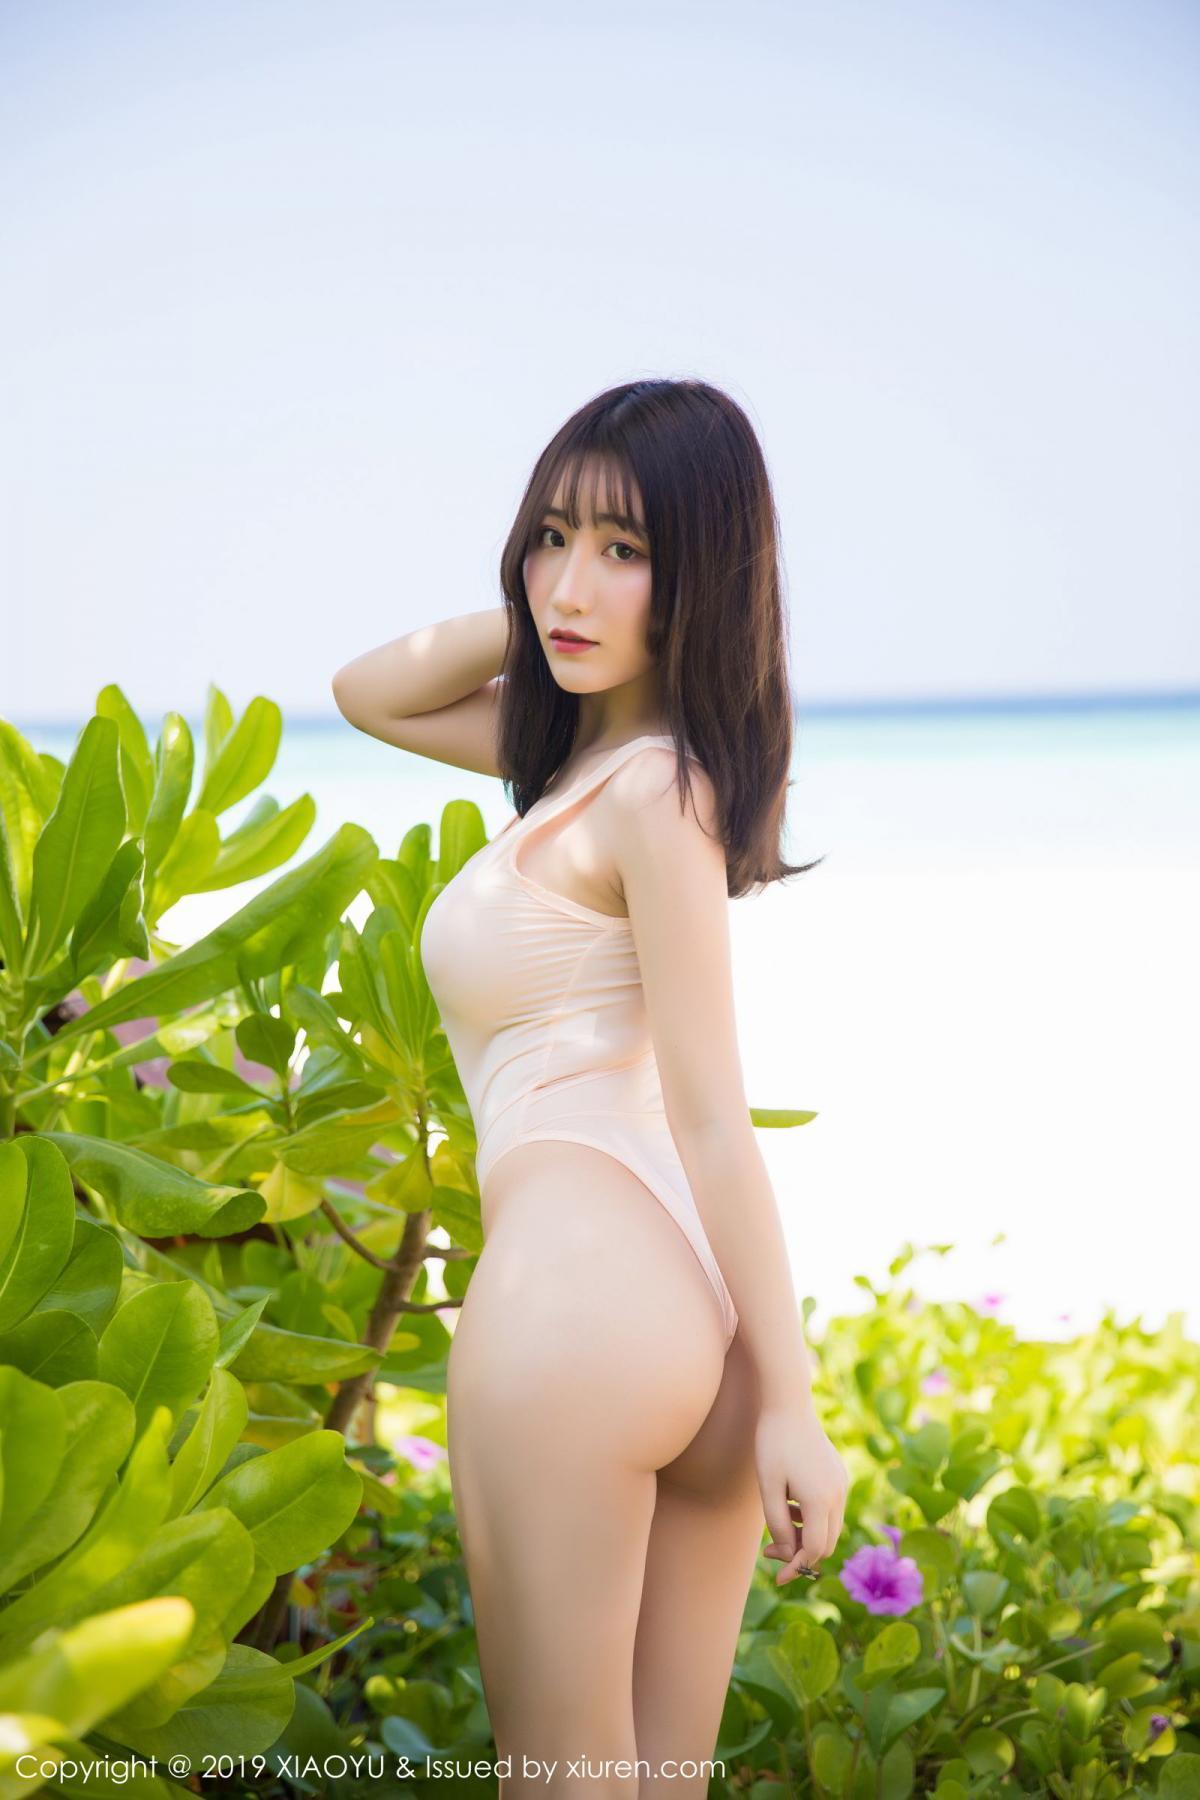 [XiaoYu] Vol.155 Xie Zhi Xin 24P, Bathroom, Big Booty, Wet, XiaoYu, Xie Zhi Xin